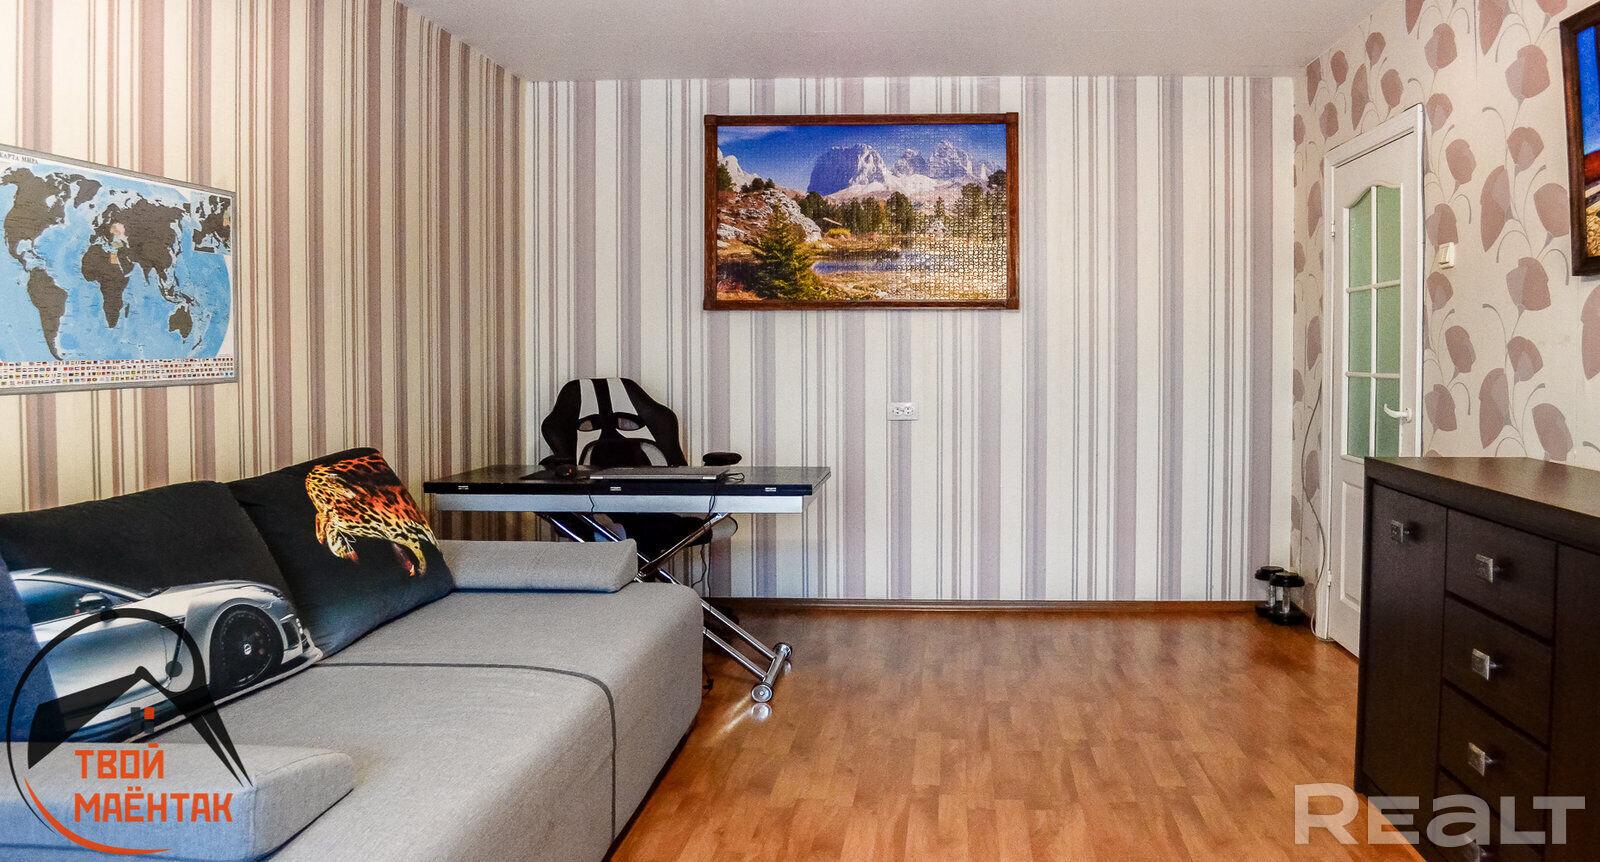 Продается 1 комнатная квартира, ул. Лучины д.46 - фото №6